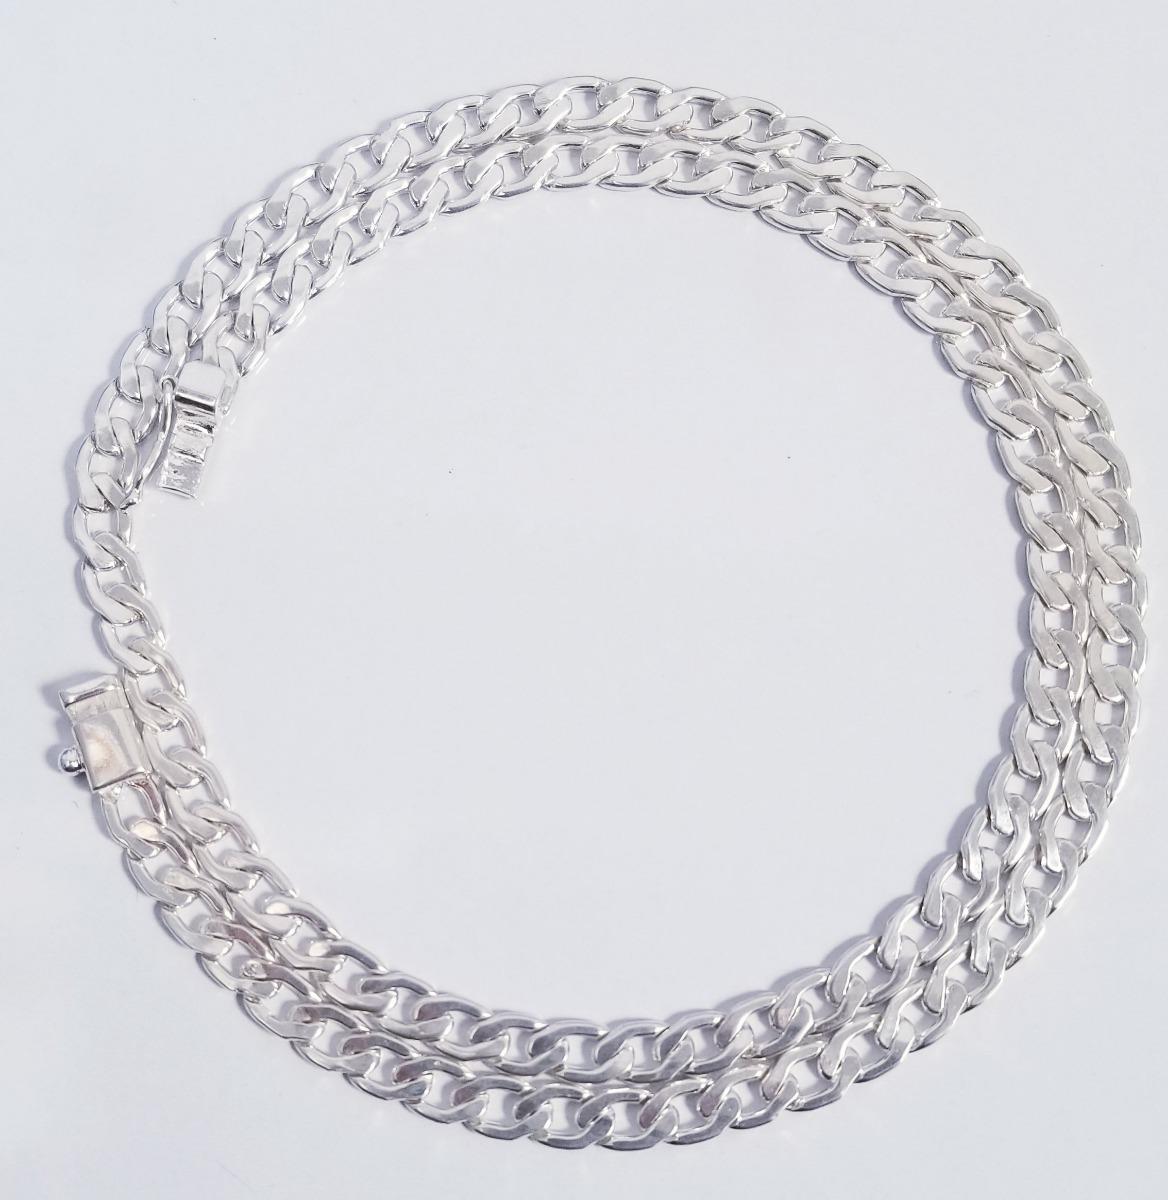 eca32104346c cadena en plata 950 modelo hexagonal plana de 36.5 gramos. Cargando zoom.